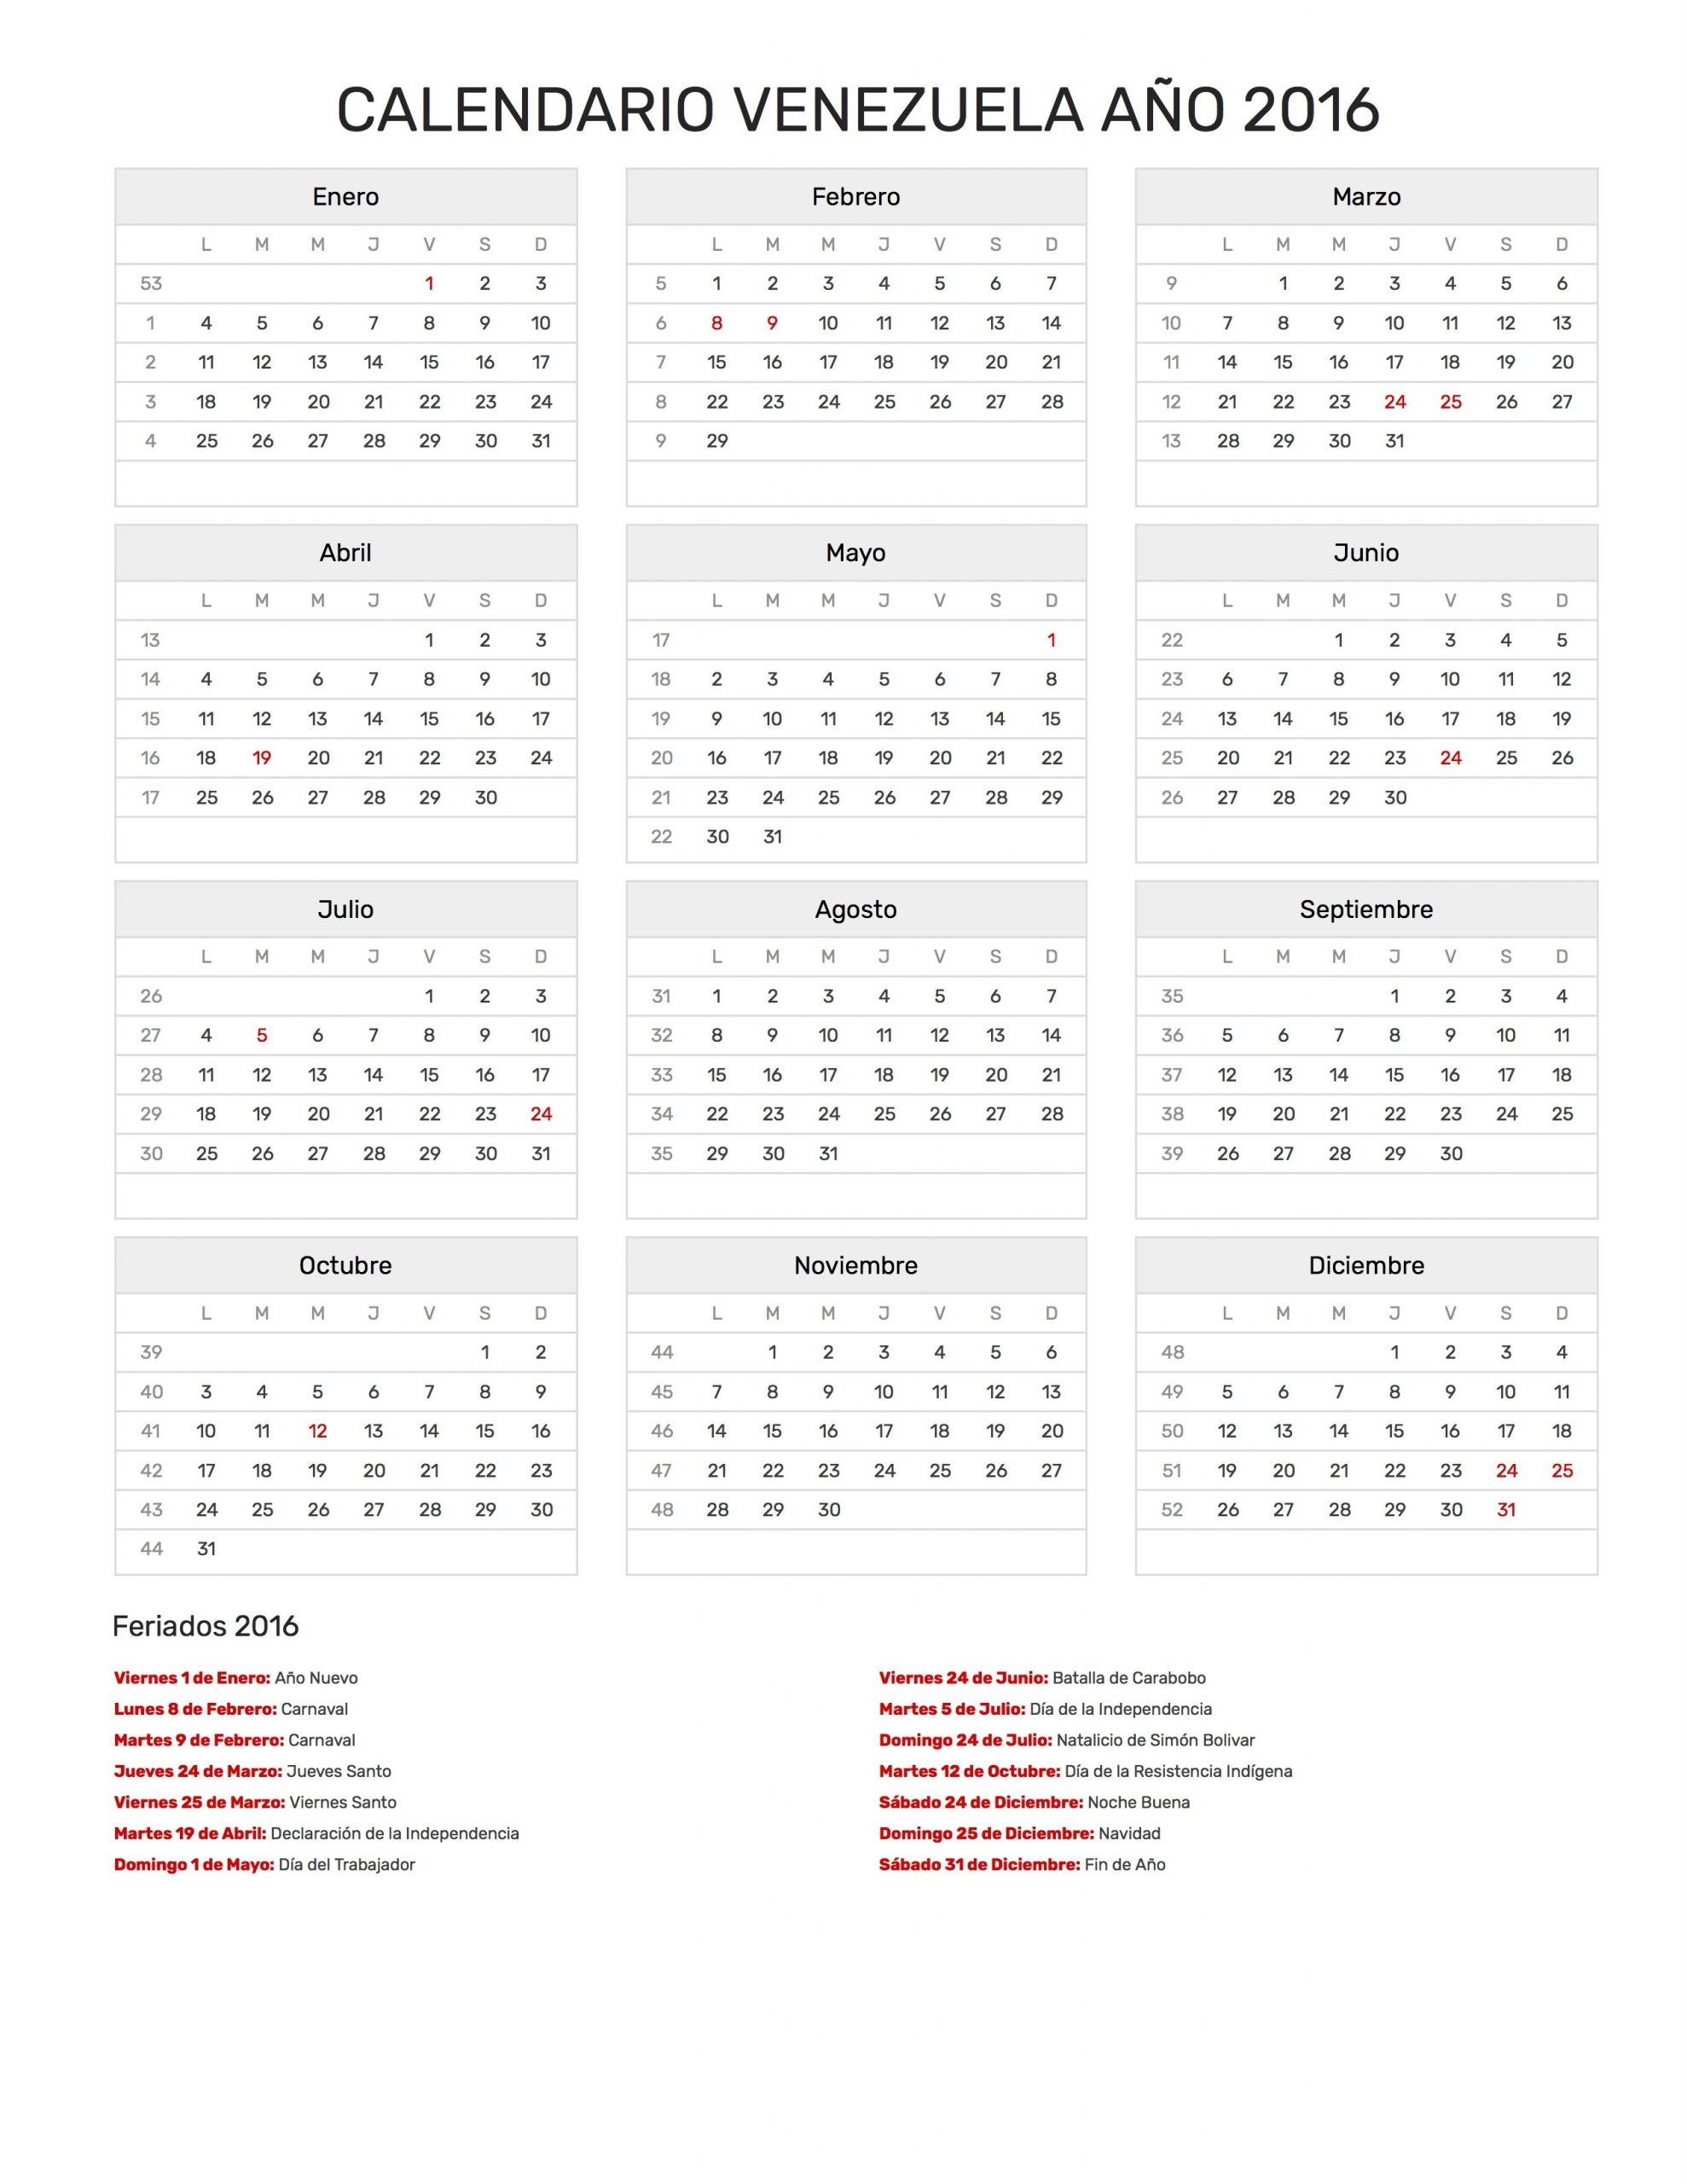 calendario venezuela 2016